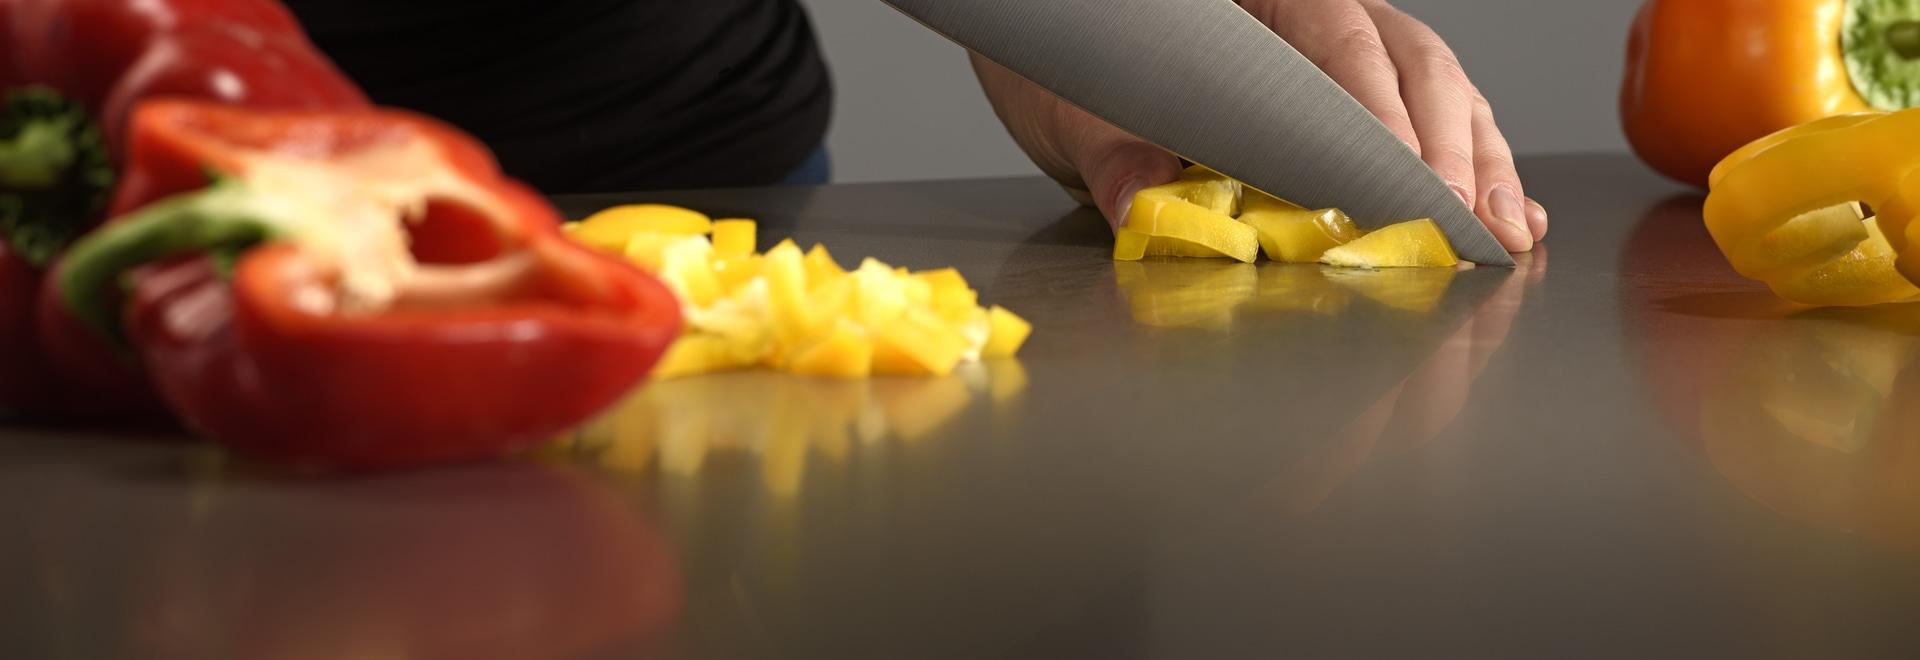 TM Italia elige Lapitec para sus cocinas de encargo mano-hechas a mano